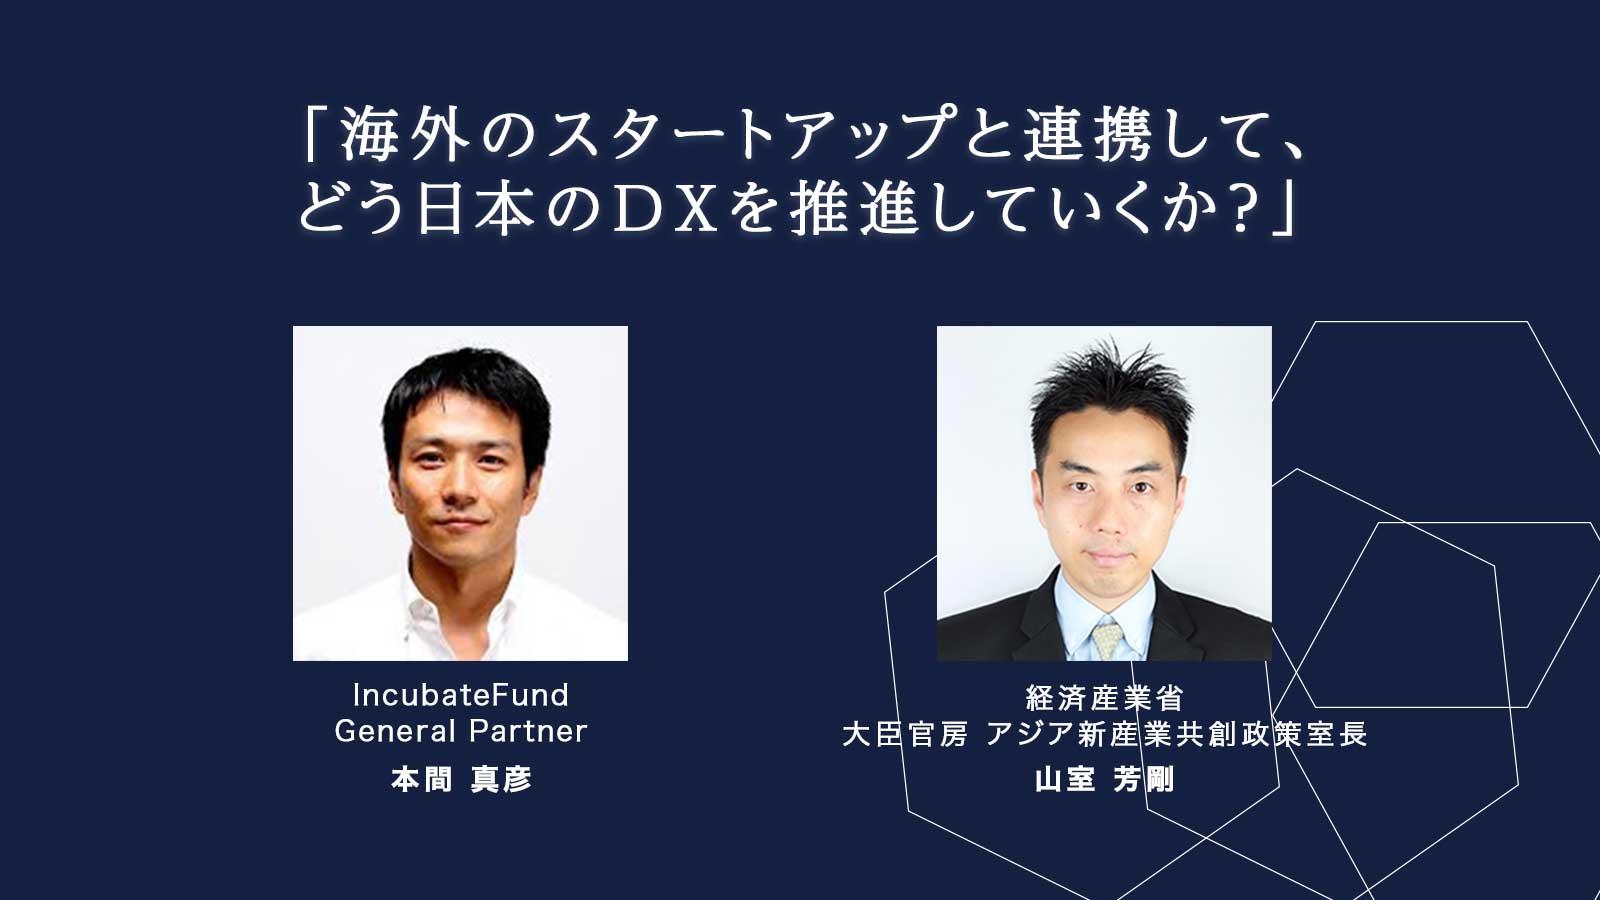 日本はDXで完全に出遅れている。信用力と中立性を活かし、海外スタートアップと連携せよ